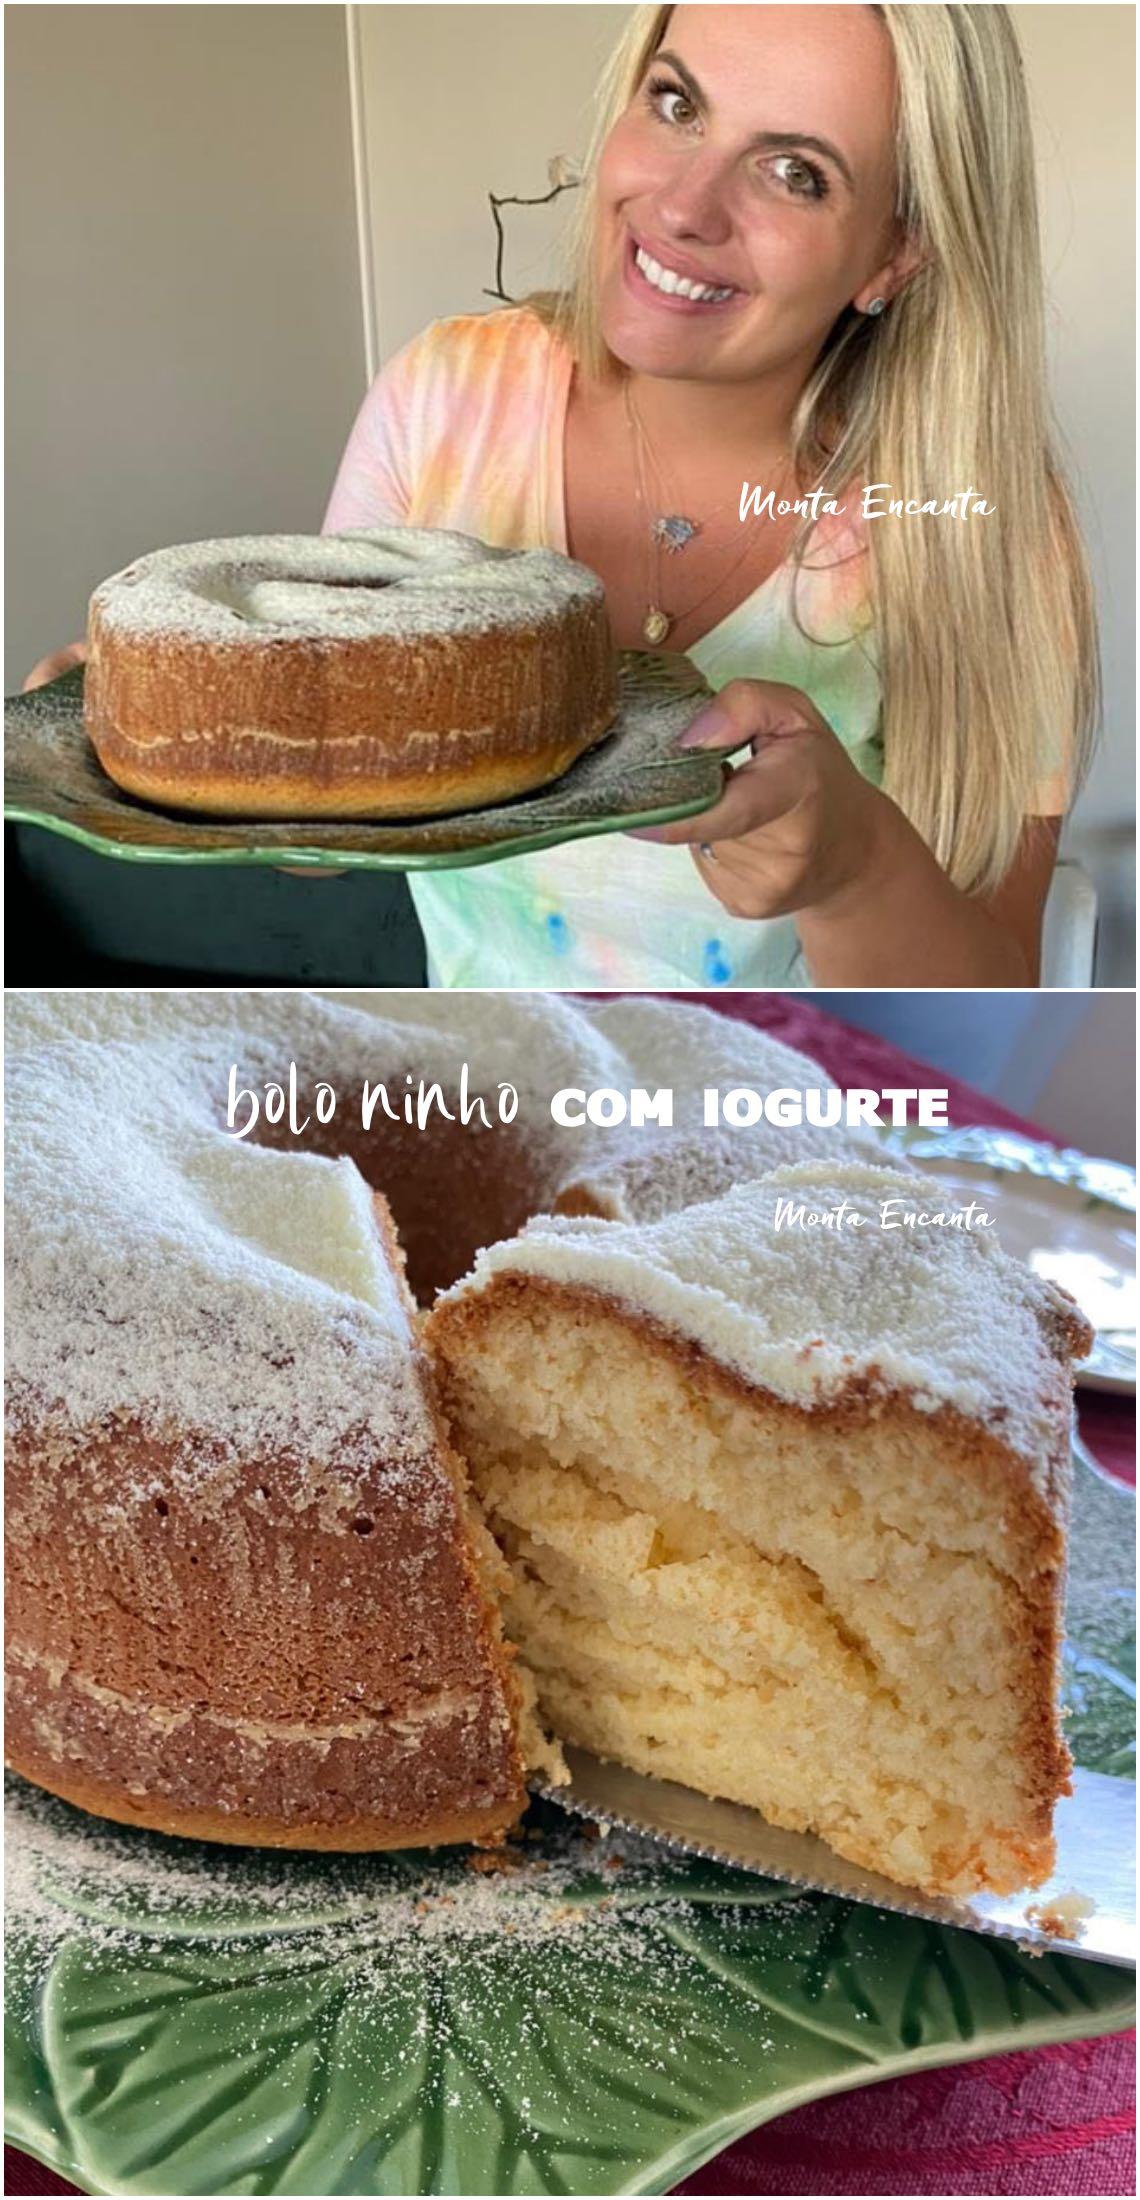 bolo ninho com iogurte